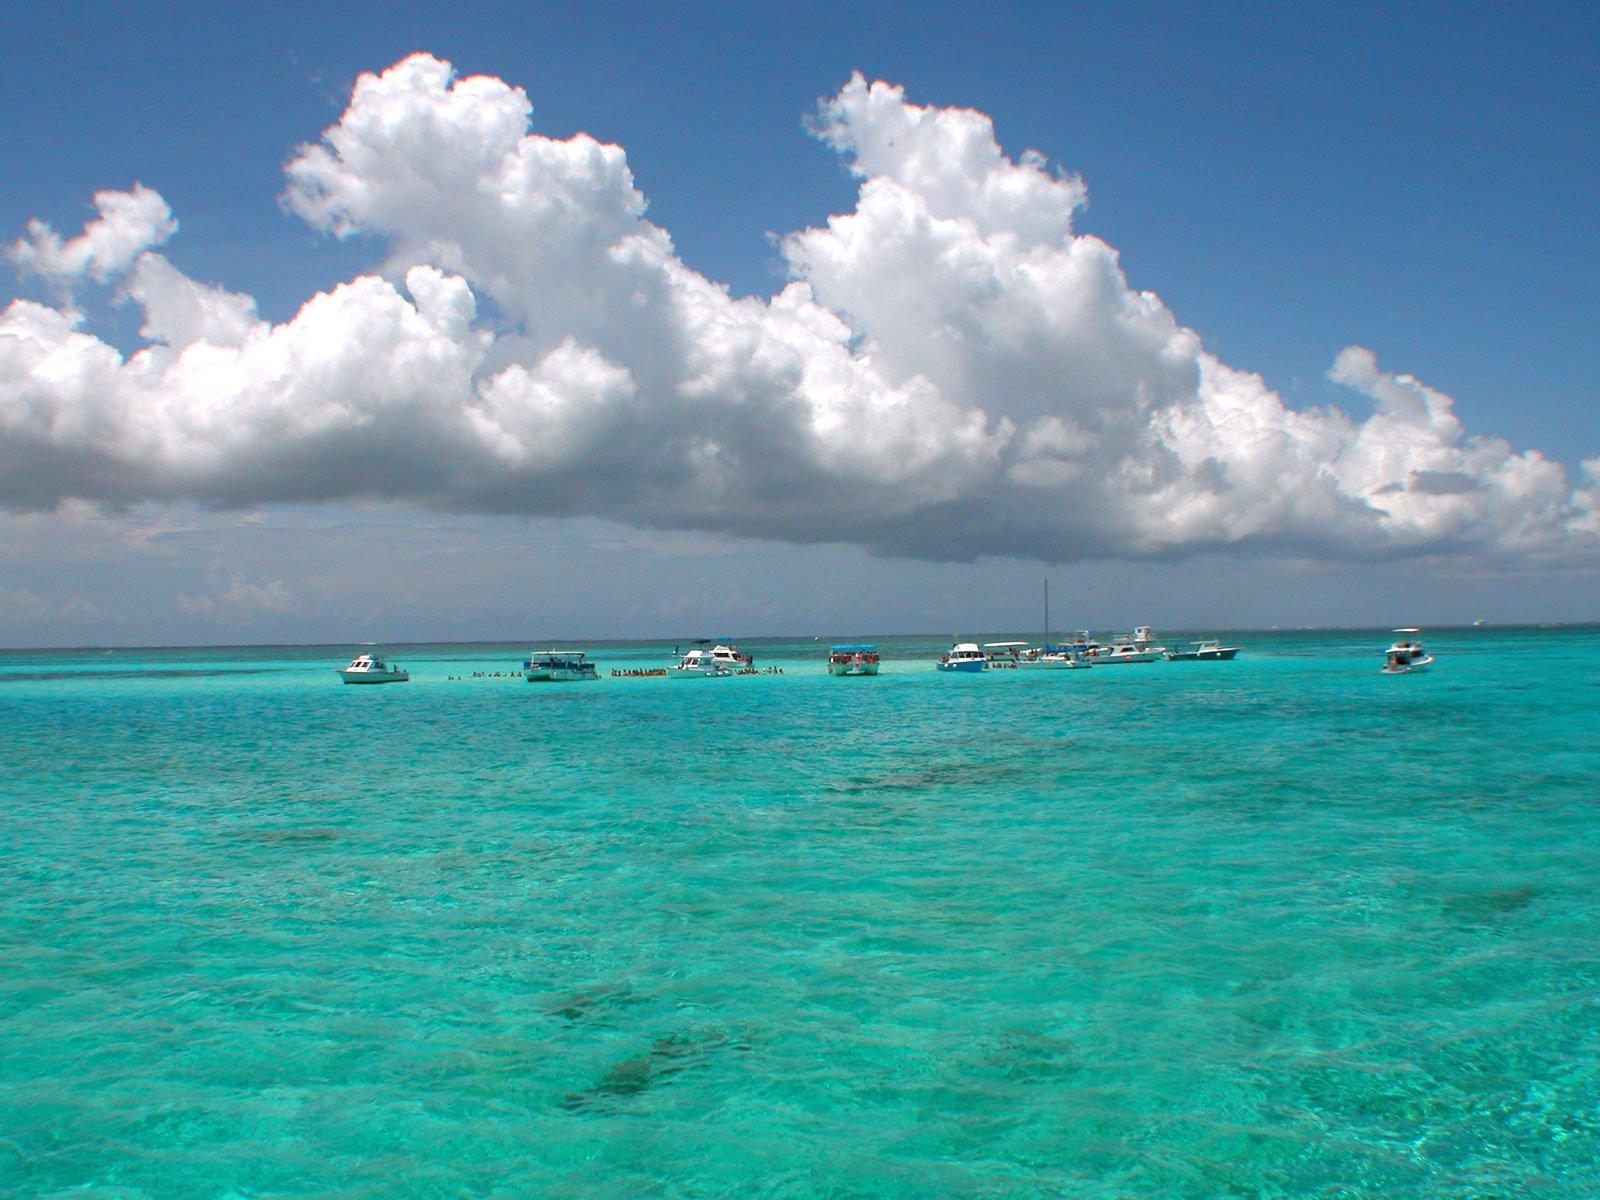 kajmanie-ostrovy-potapanie-ochrana-prirodyjpg